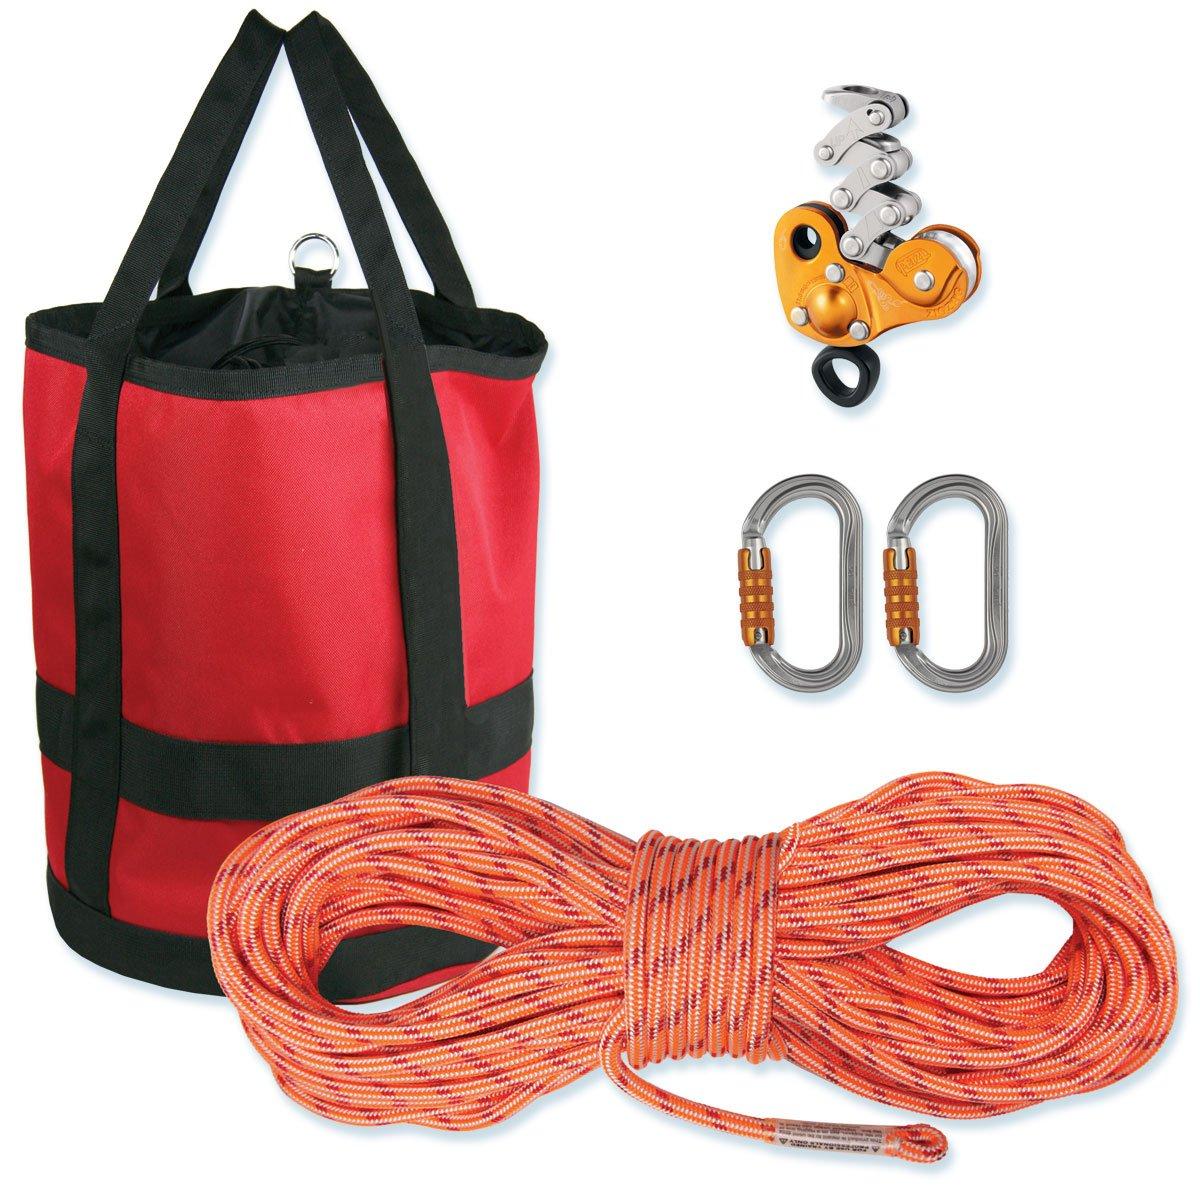 Zigzag 2 Climbing Kit